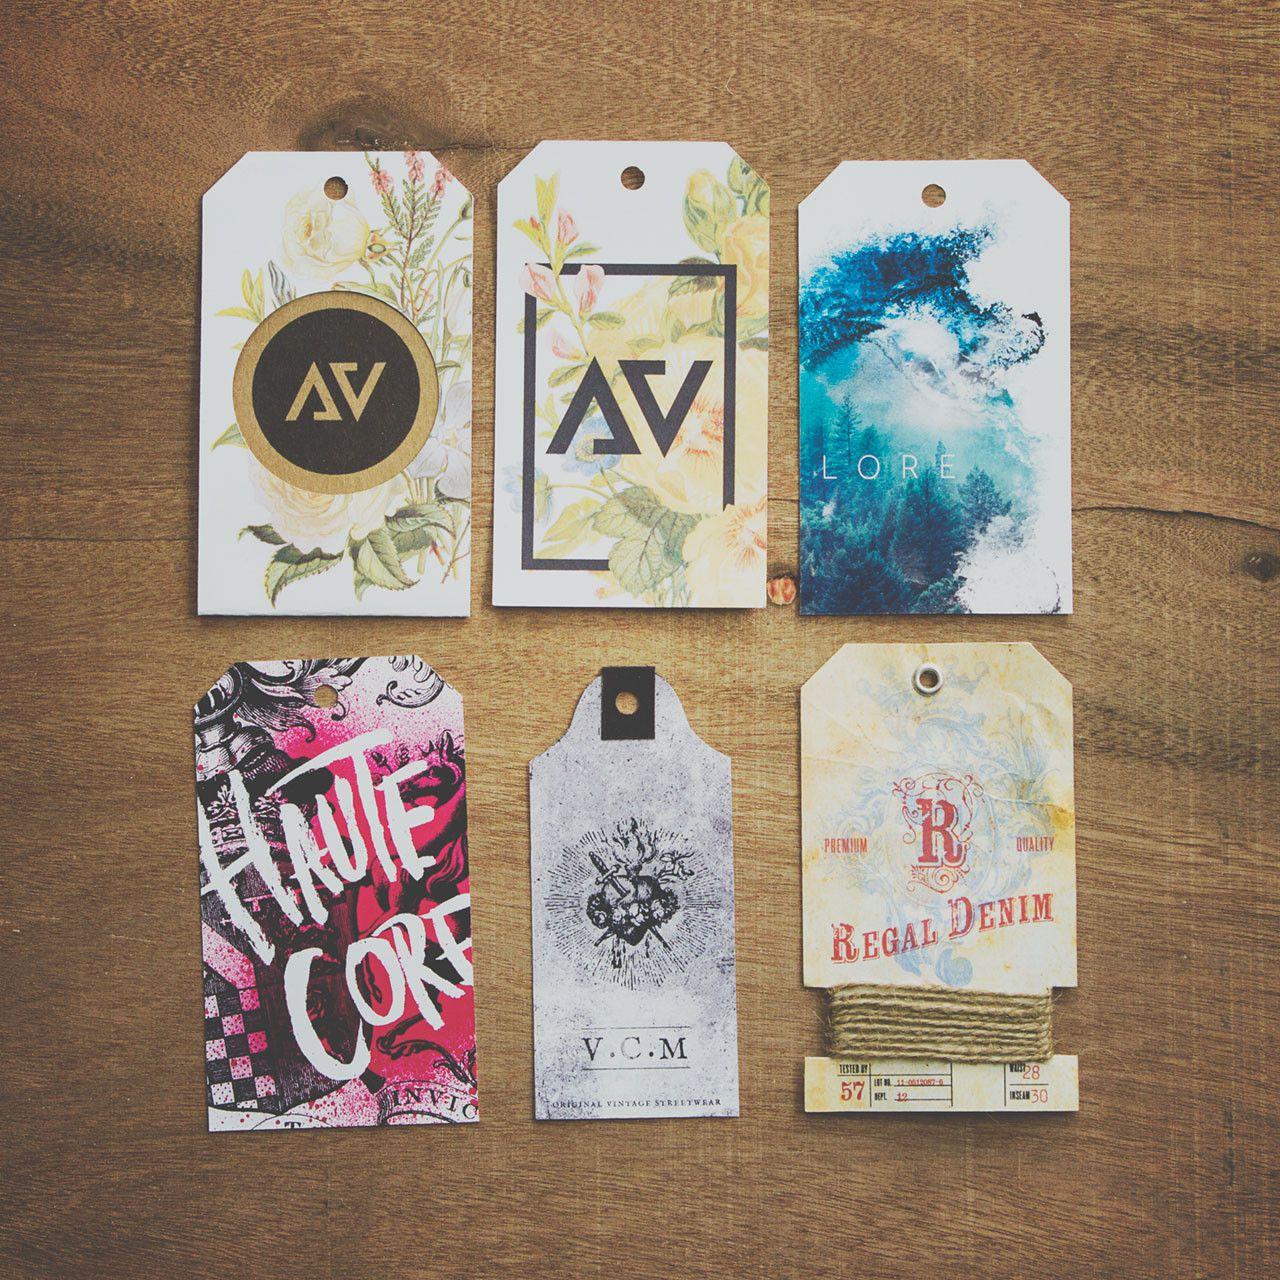 Fashion Apparel Hang Tags by liquidcomet - 74584